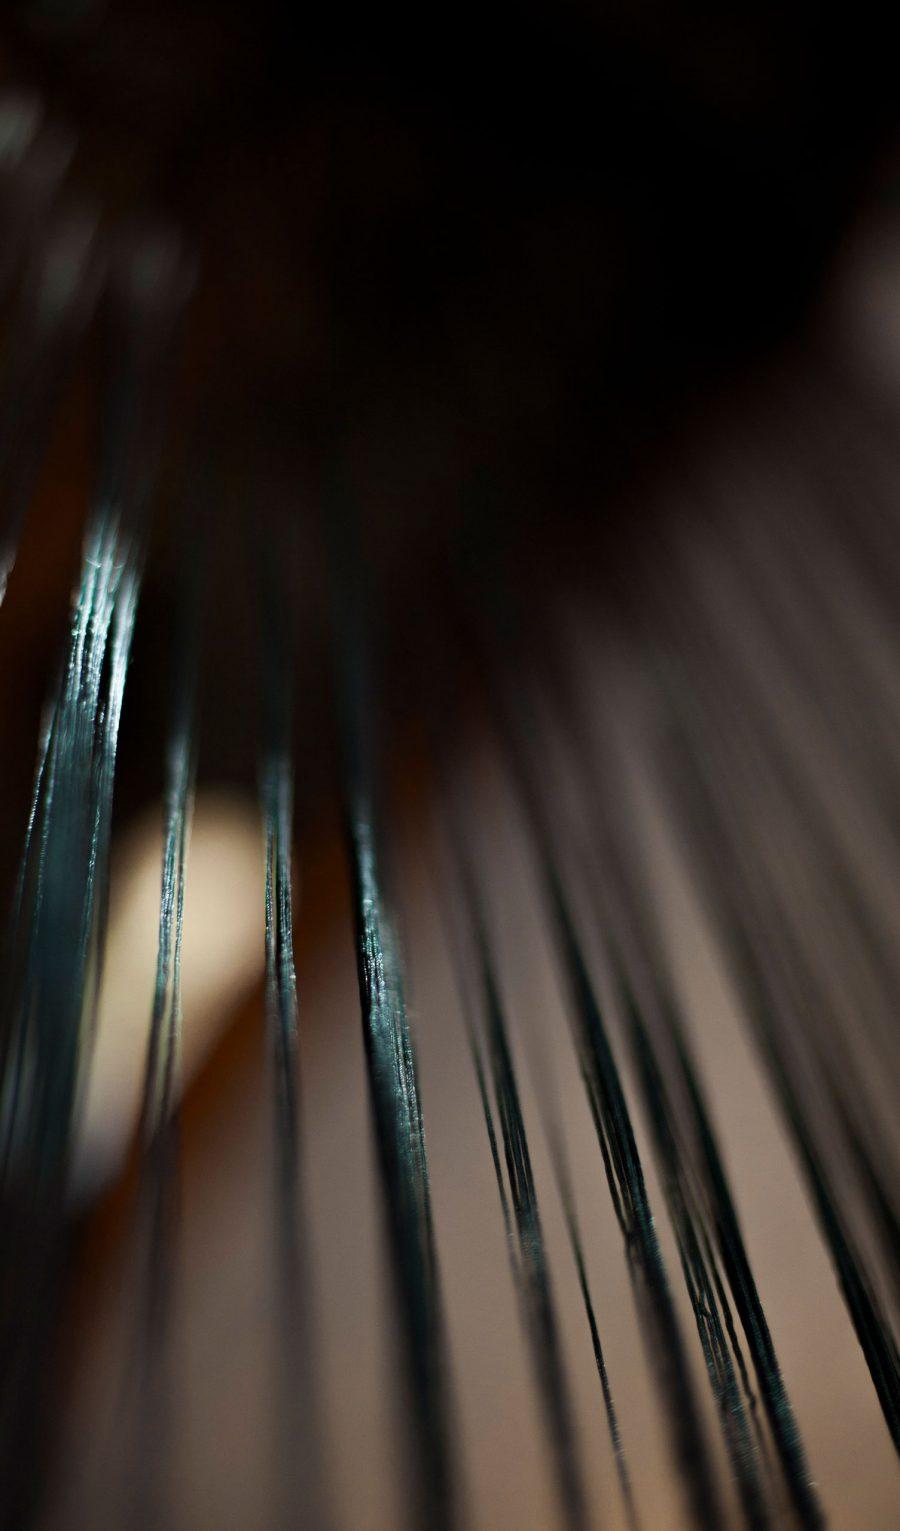 detalle_diseno_exposicion_efimera_espacio_evento_strand_light_cortina_hilos_espejo_negro